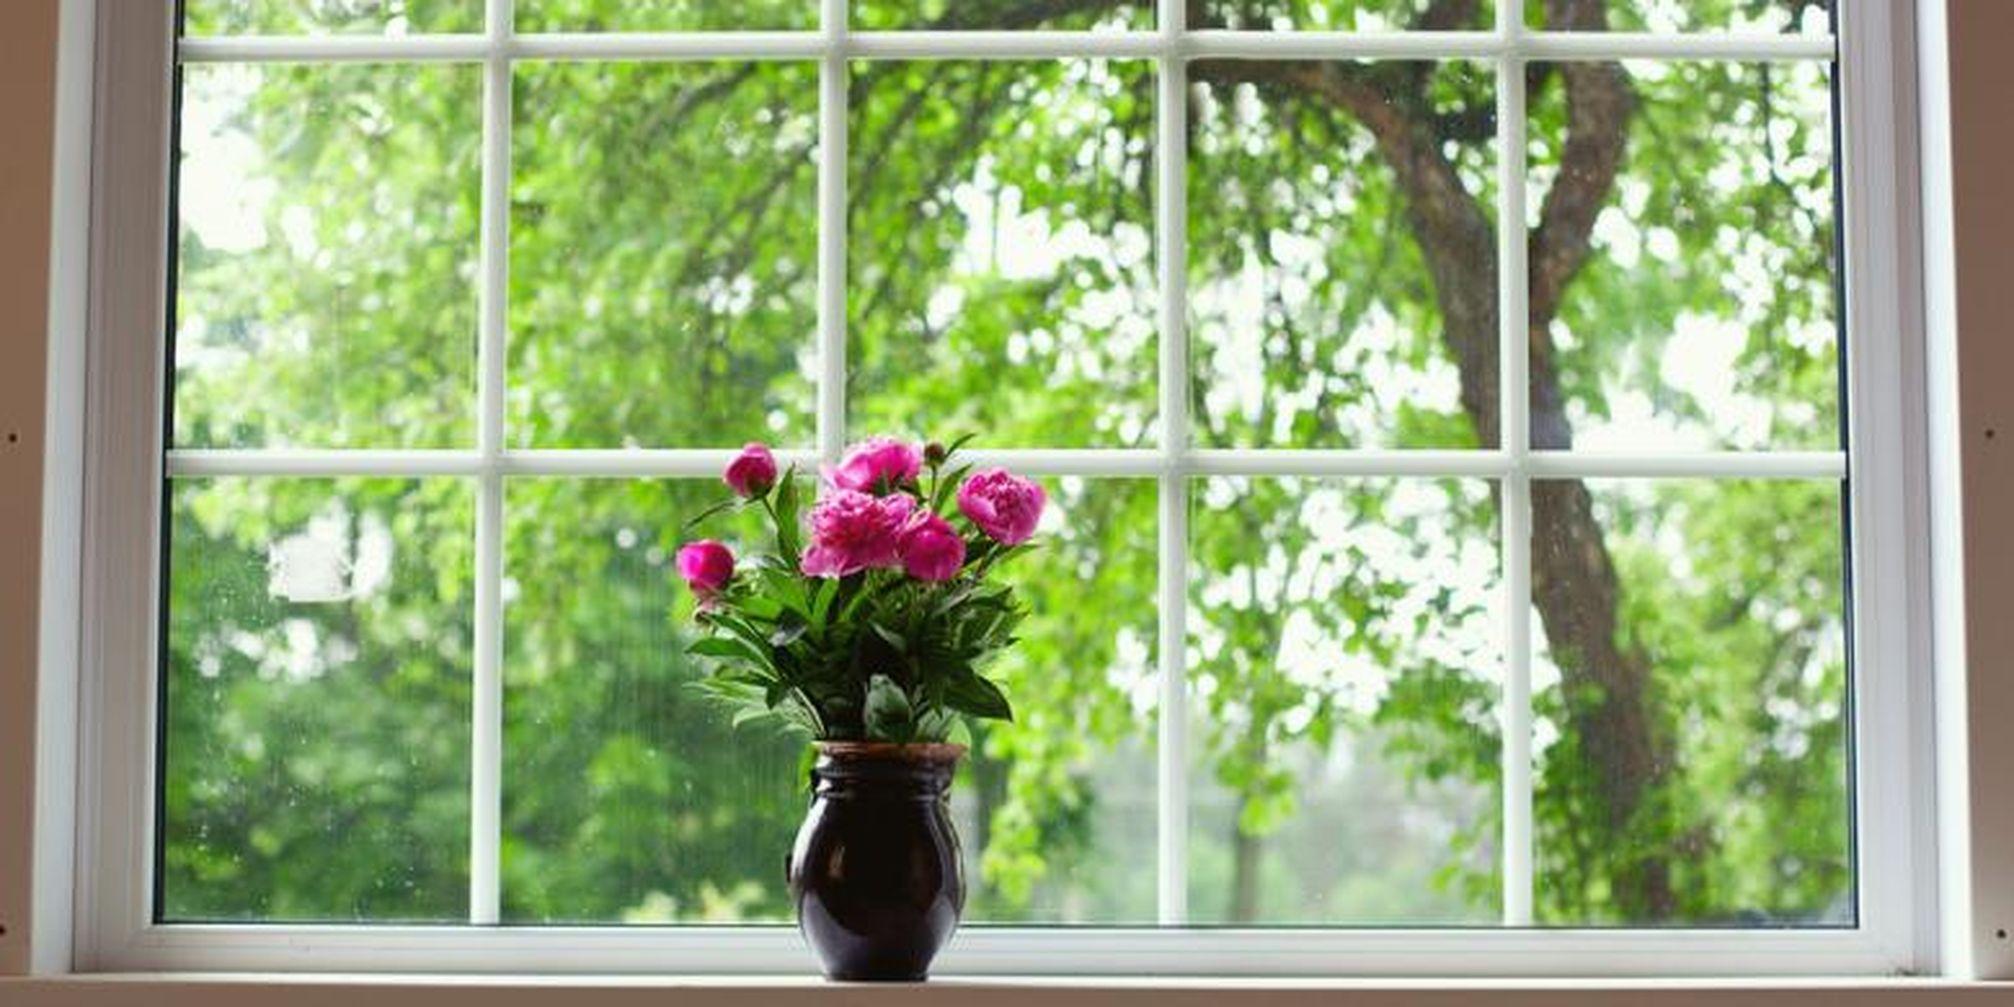 Ingat Jendela Bersih Bikin Anda Lebih Bersemangat